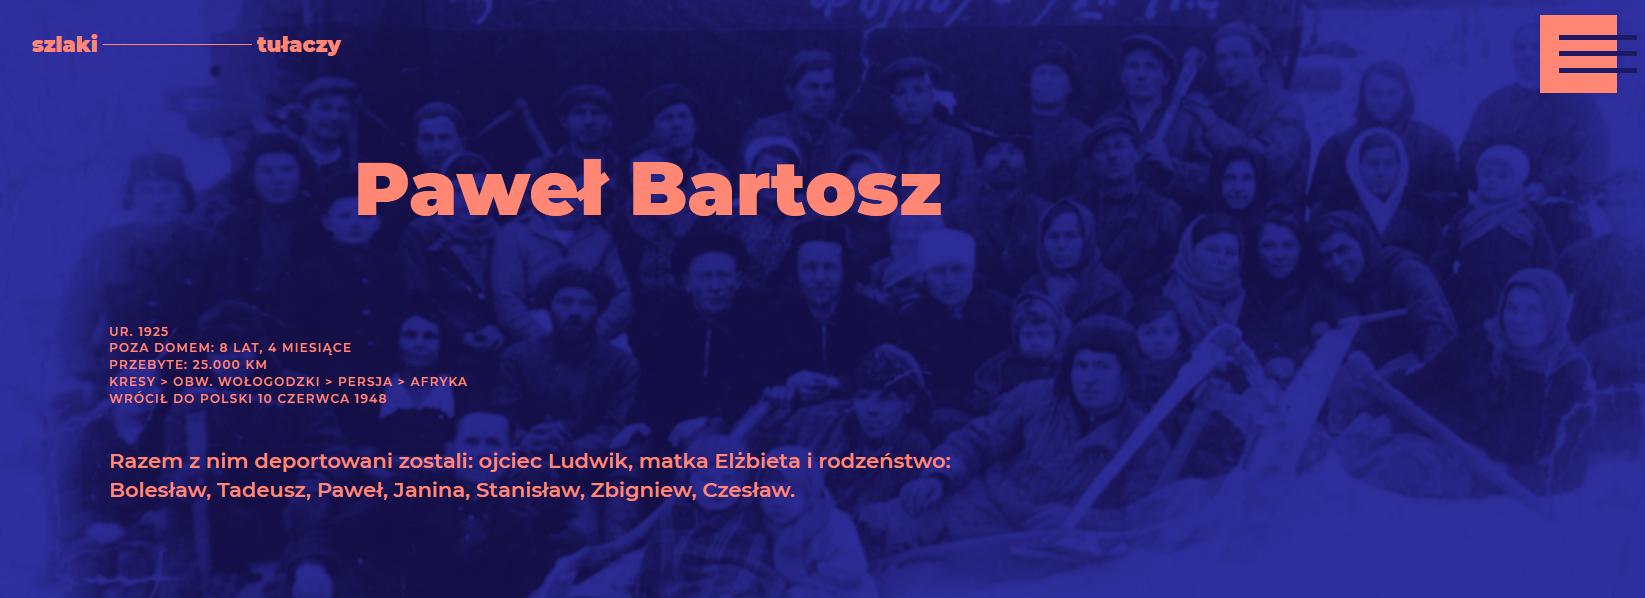 Podstrona o Pawle Bartoszu - Szlaki tułaczy